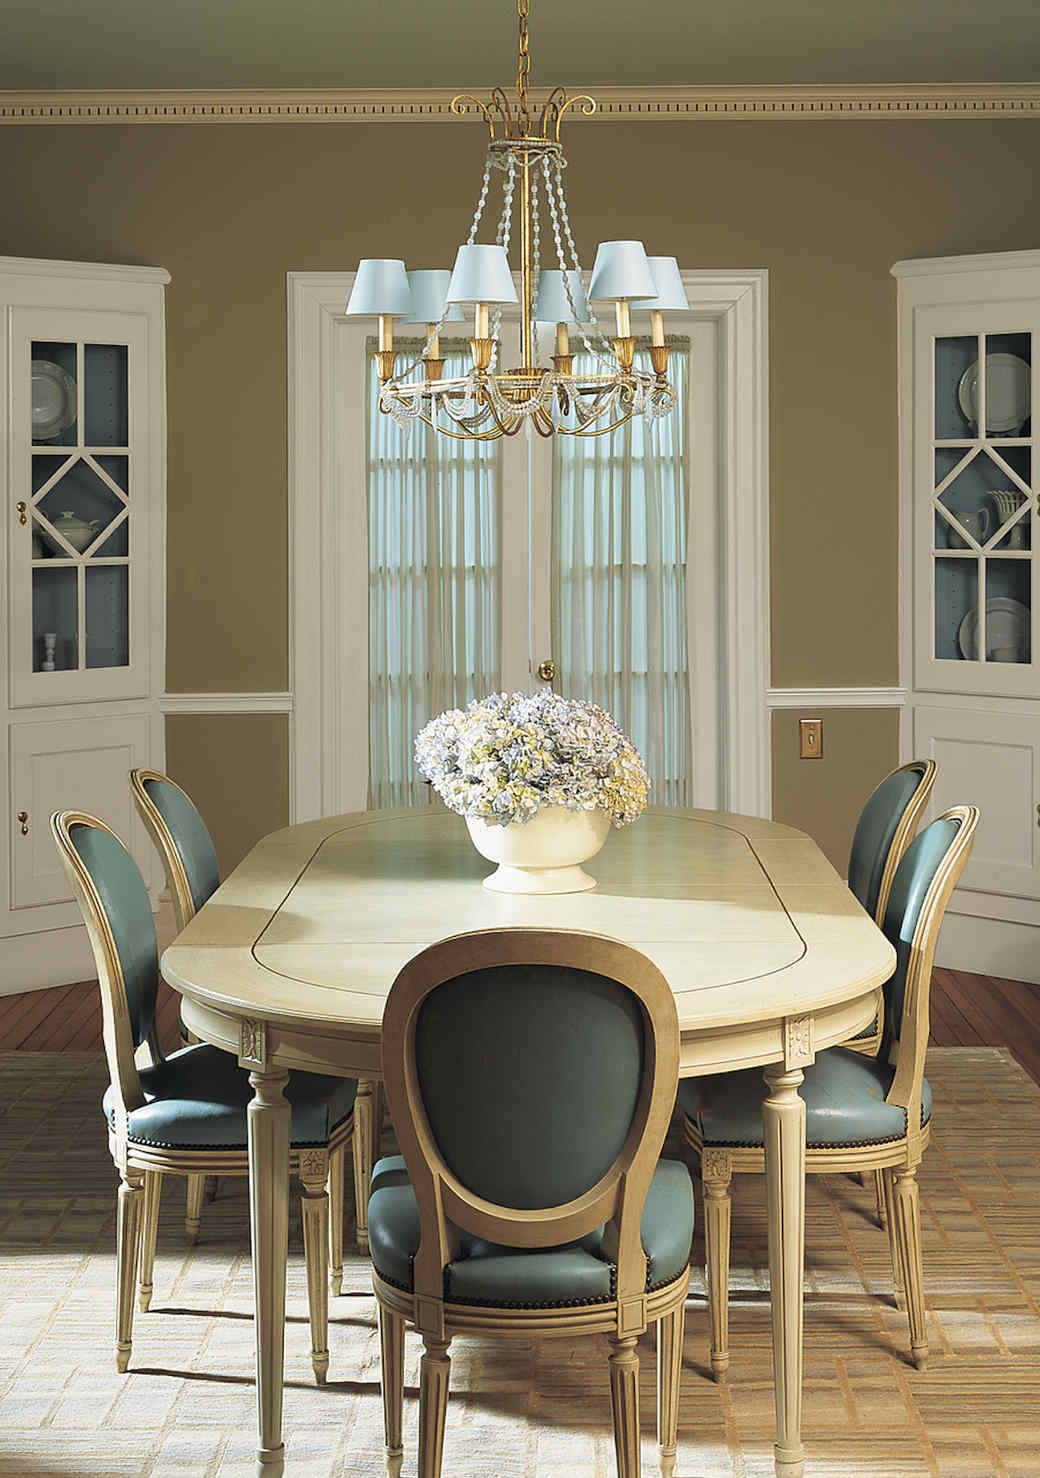 green-dining-room-1016.jpg (skyword:349537)